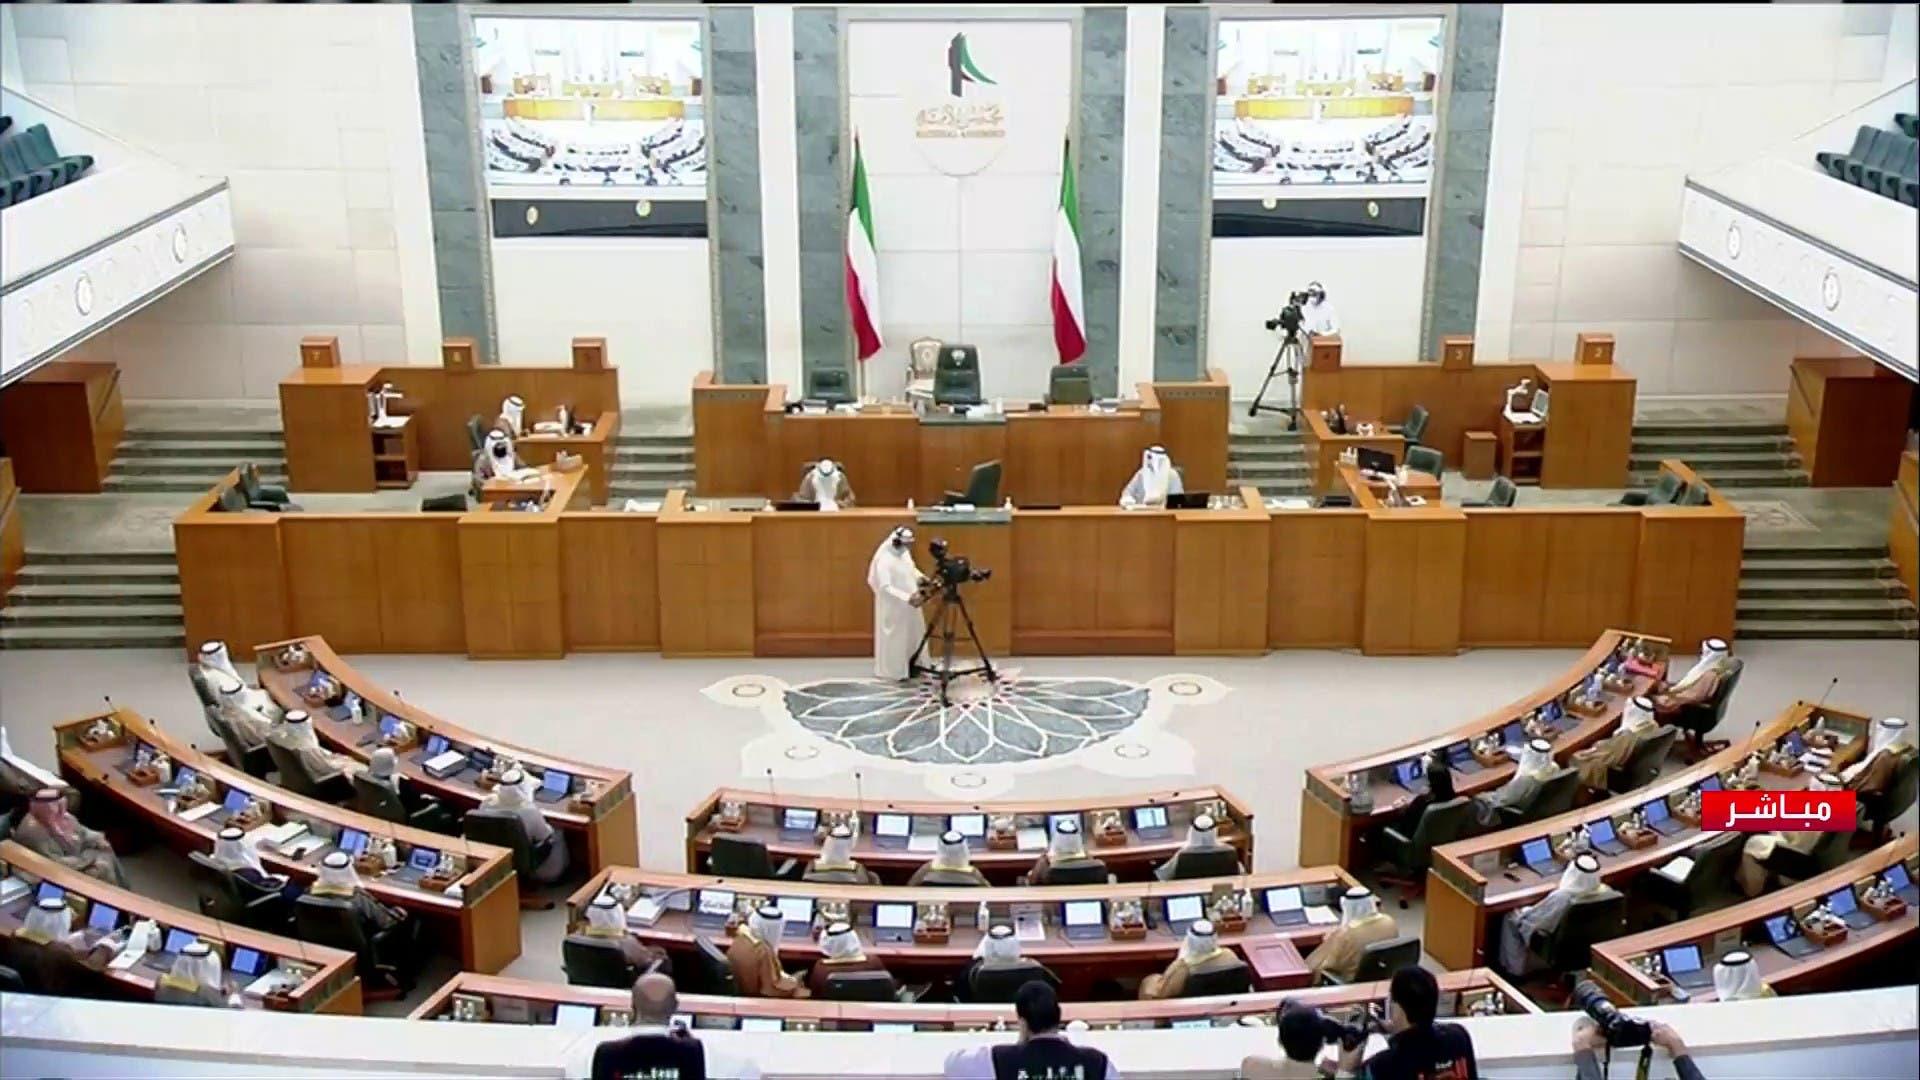 من داخل مجلس الأمة الكويتي